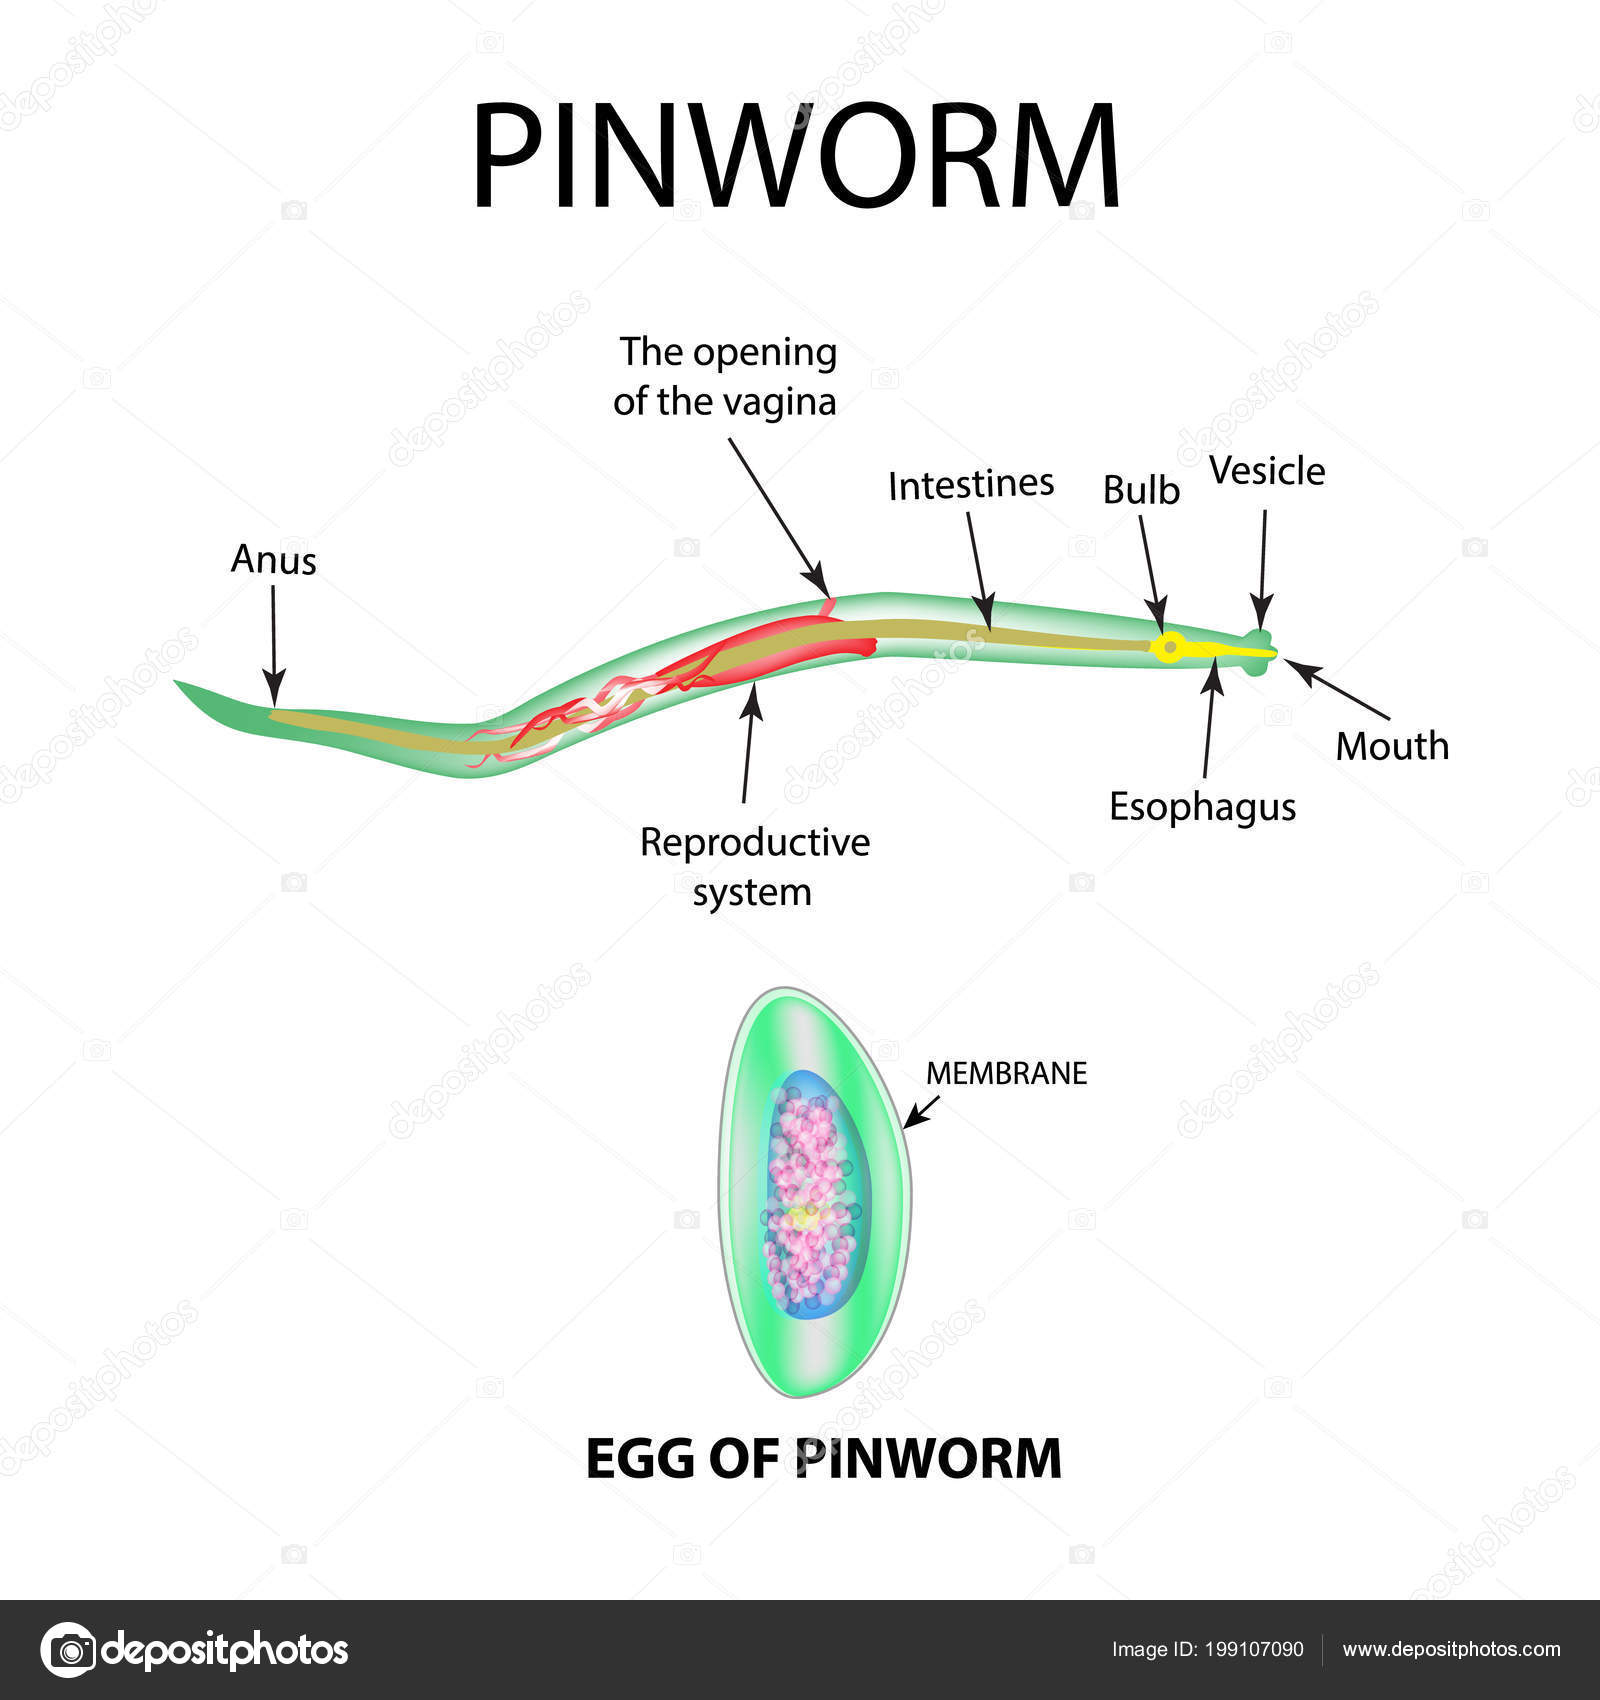 Pinworm veszély. Miért veszélyes a pinworms gyerekeknek és felnőtteknek?